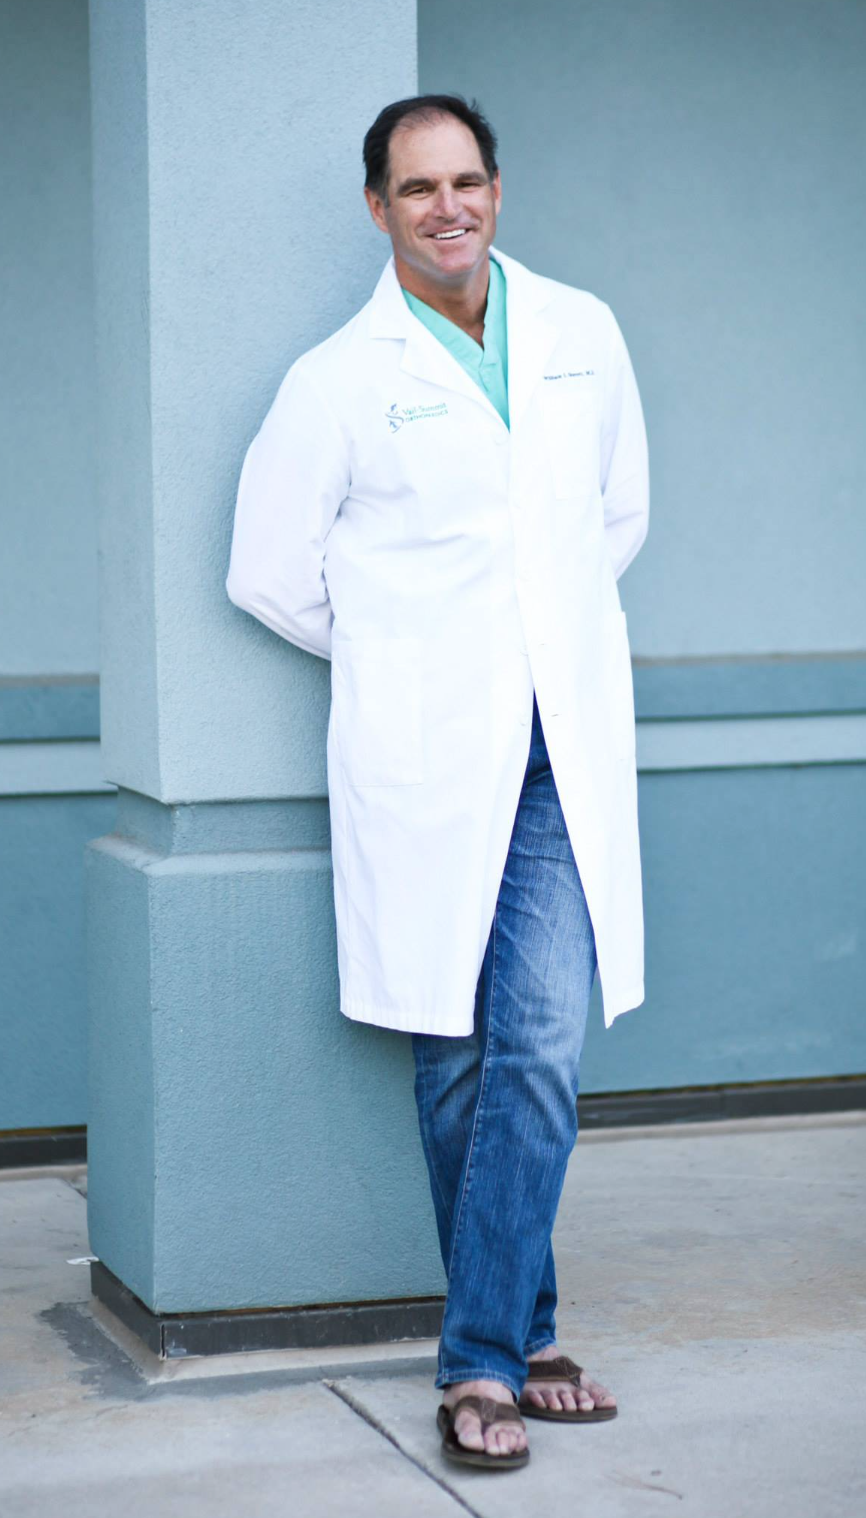 Dr. William Sterett